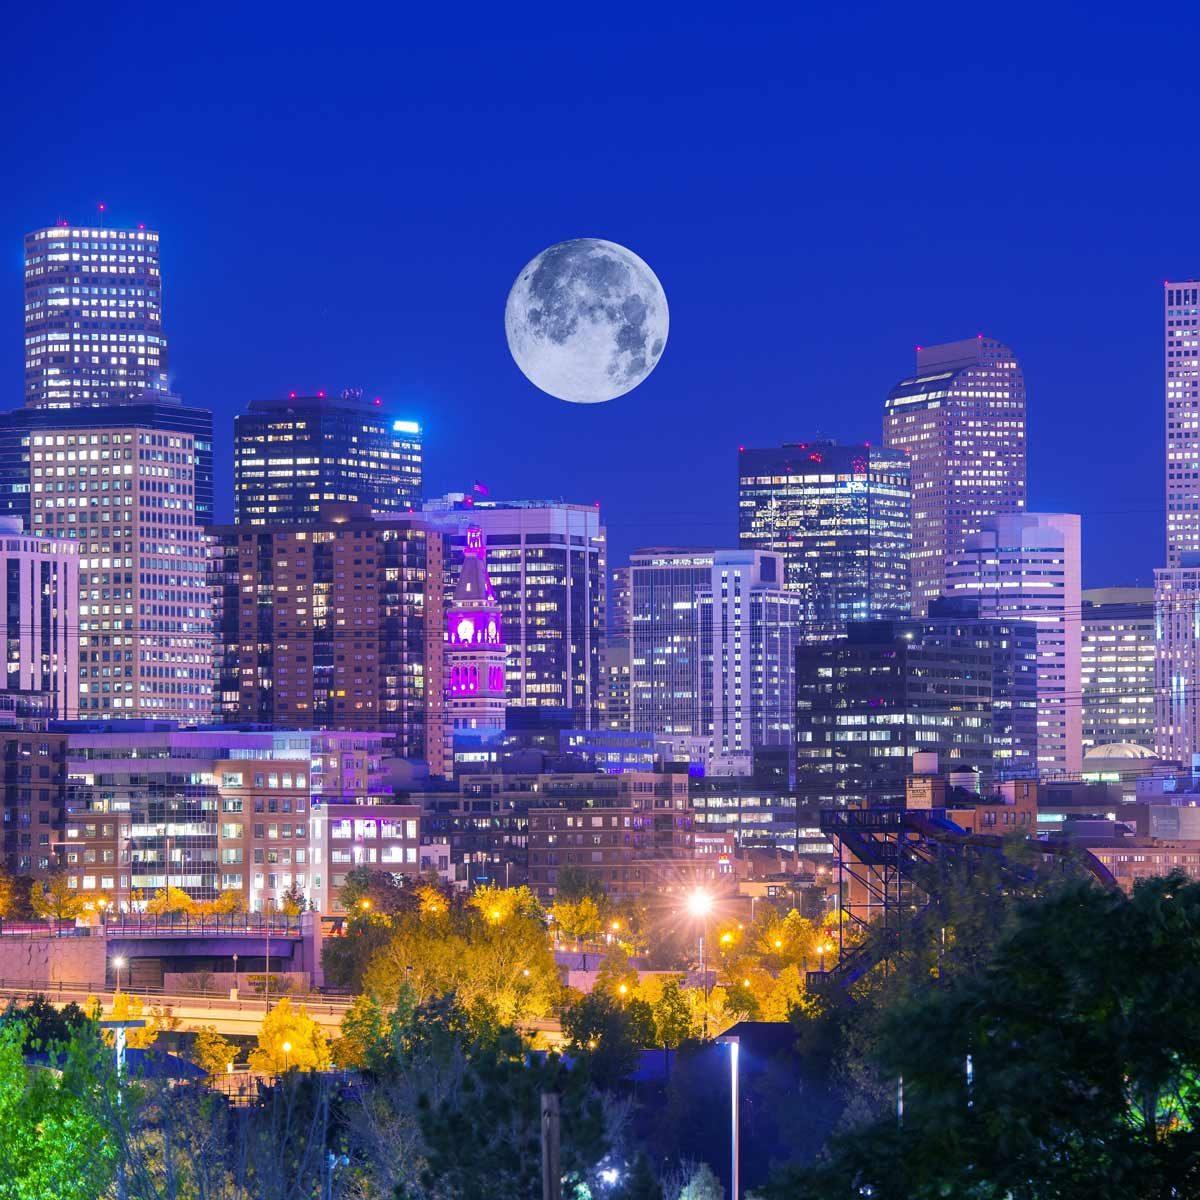 Denver-Colorado-at-night